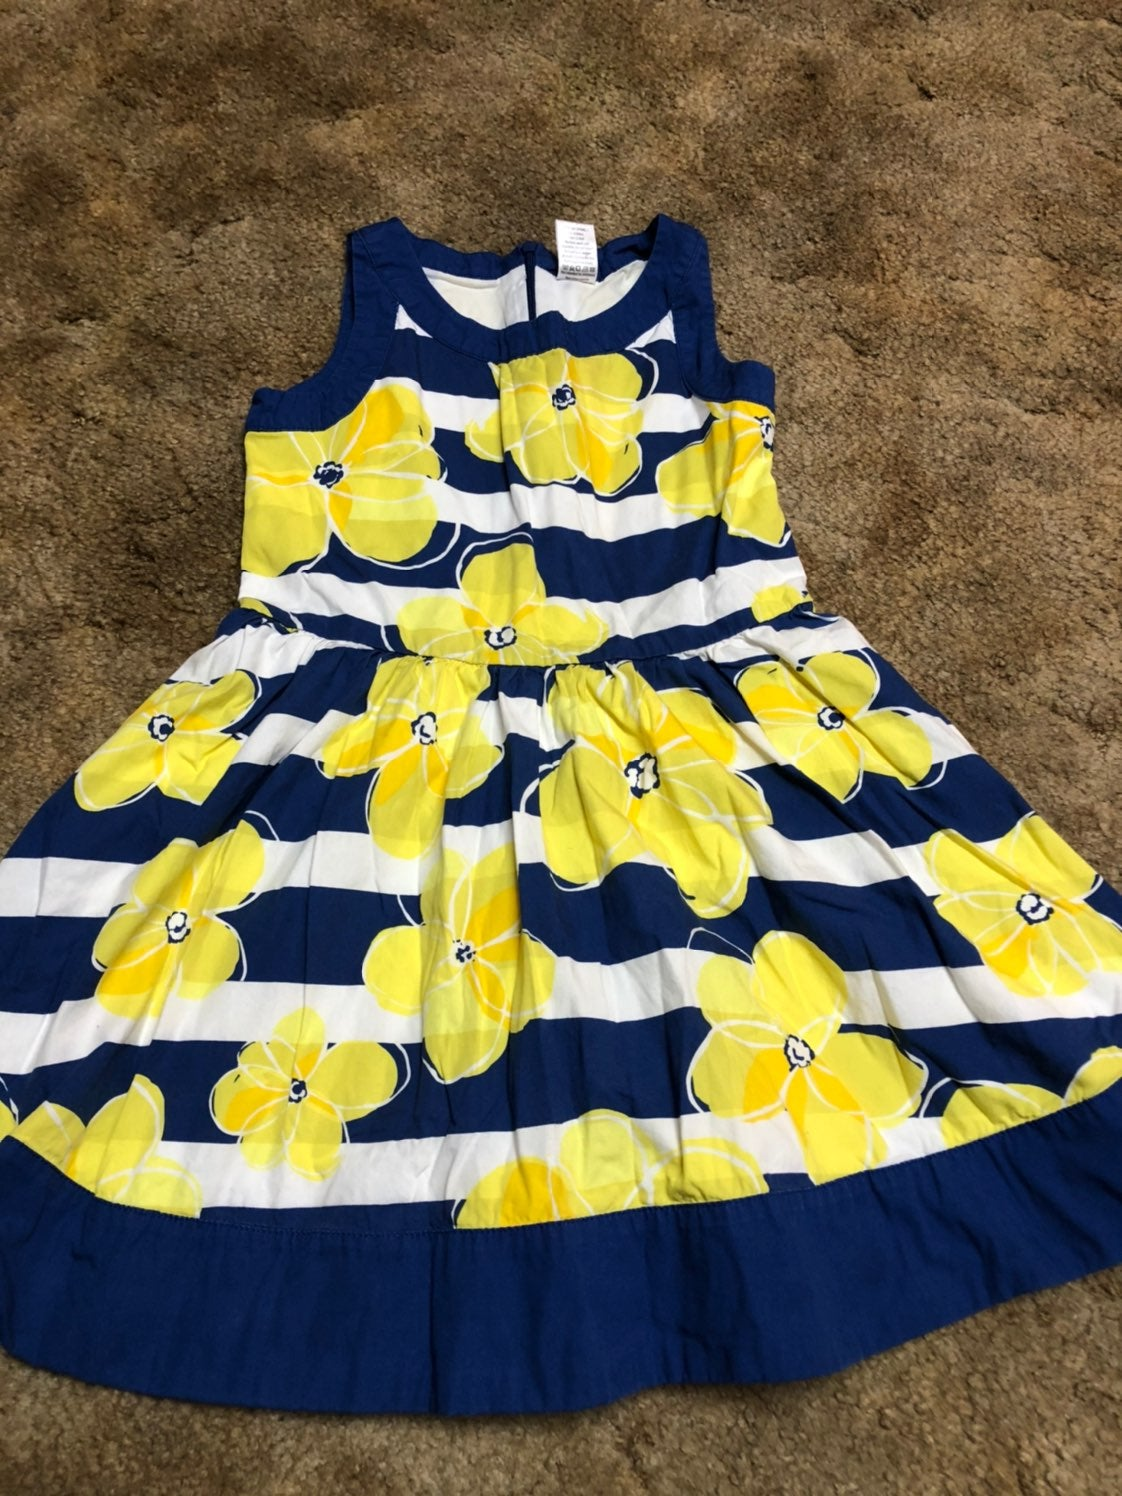 Gymboree Pocketful of Sunshine Dress 7